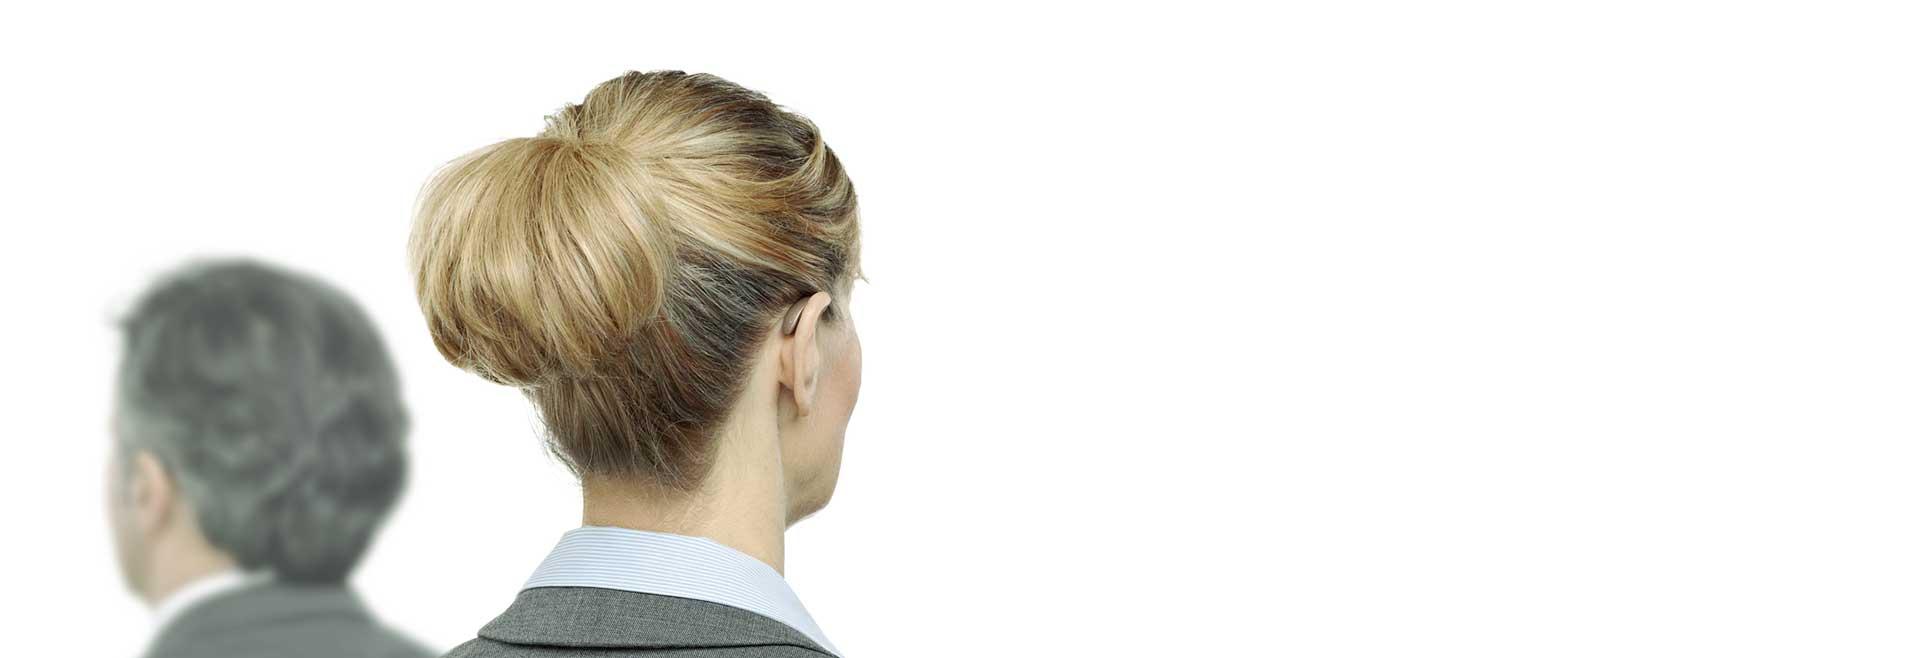 Frau von hinten mit einem Hinter-dem-Ohr-Hörgerät